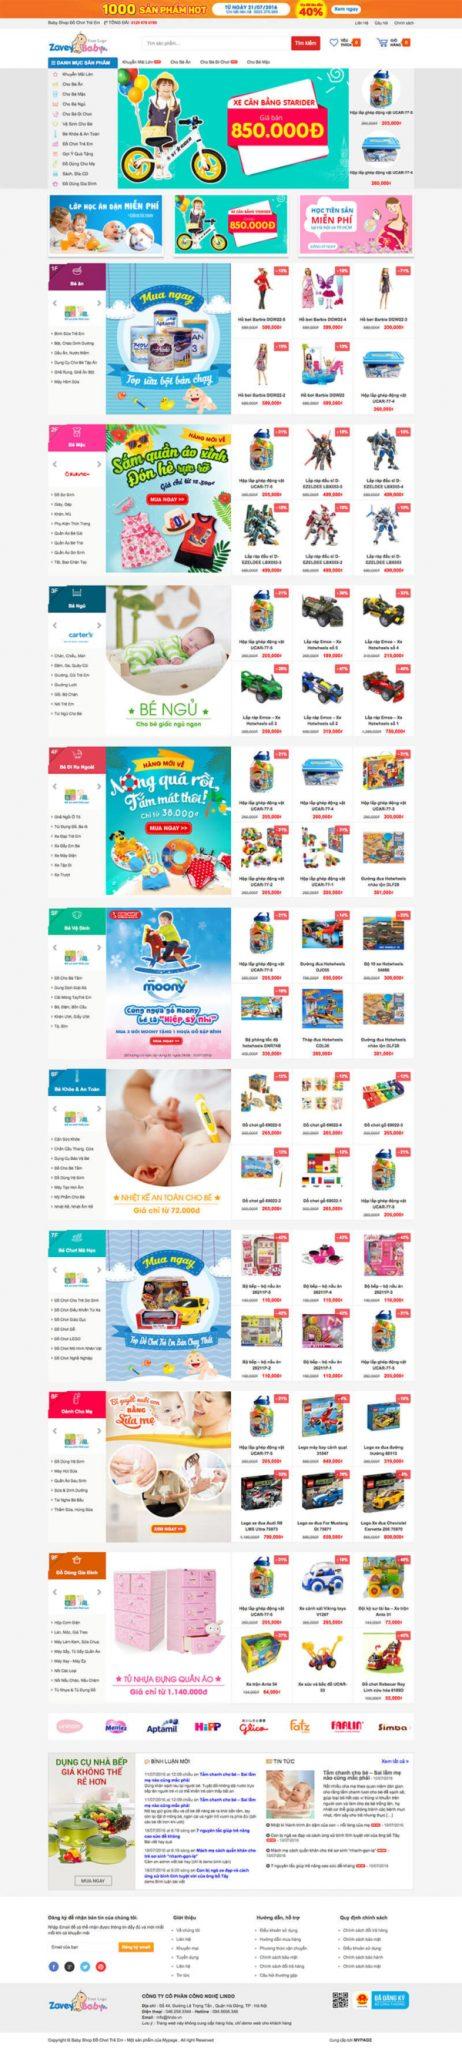 Mẫu web bán hàng chuyên nghiệp Babyshop